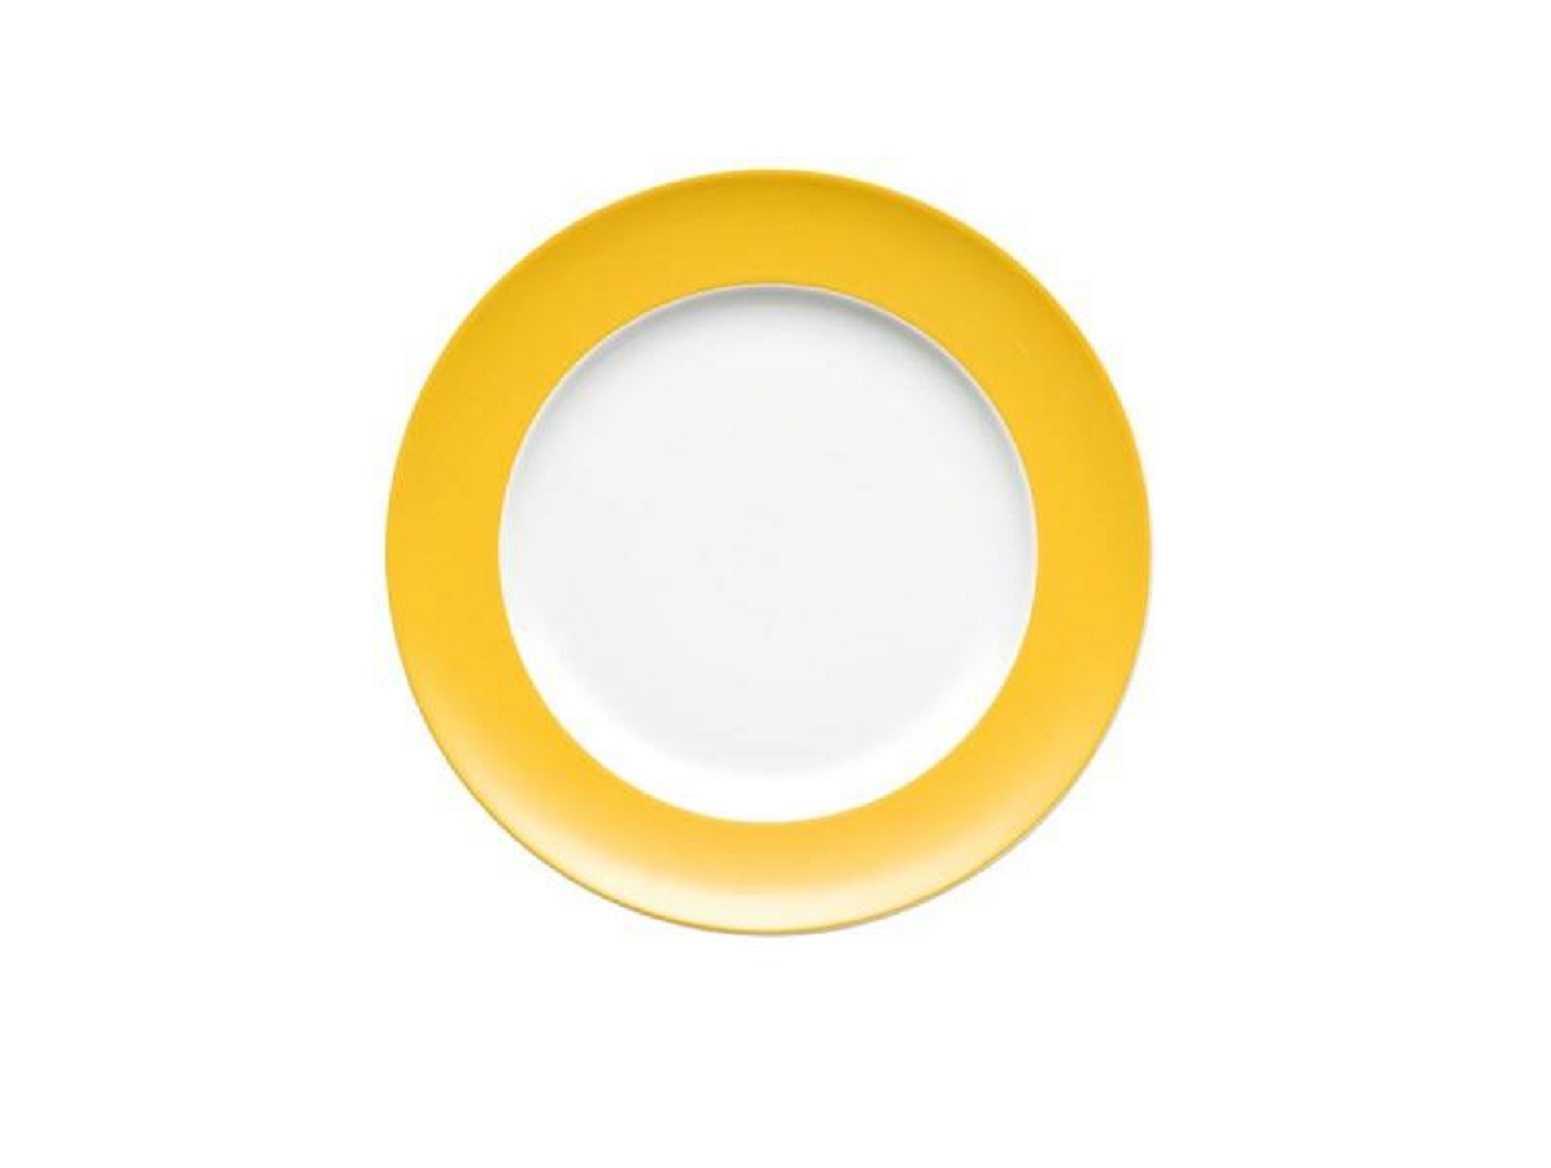 Тарелка десертная/закусочная Rosenthal SUNNY DAY, диаметр 22 см, желтый Rosenthal 70850-408502-10222 фото 0